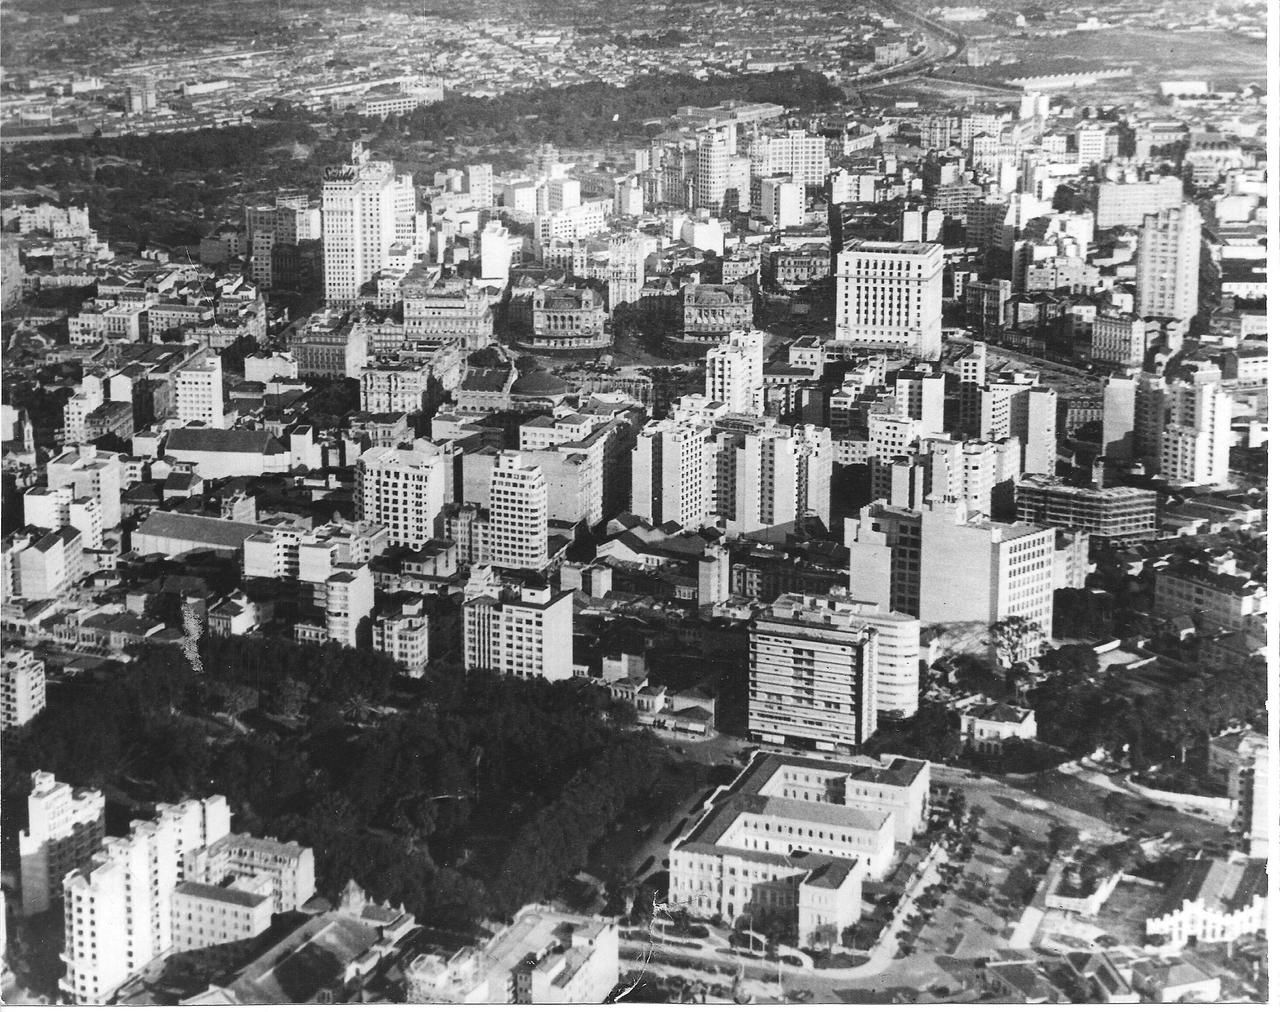 Vista aérea do Centro de São Paulo, 1940. Em primeiro plano, a Praça da República. No centro da imagem, duas construções semelhantes: os Palacetes Prates. Inicialmente, eram 3, mas nessa foto restavam apenas 2. O terceiro ficava onde está o Edifício Matarazzo (quadradão ao lado direito dos Palacetes Prates), atual sede da Prefeitura de São Paulo. Em frente aos Palacetes Prates fica o Vale do Anhangabaú.